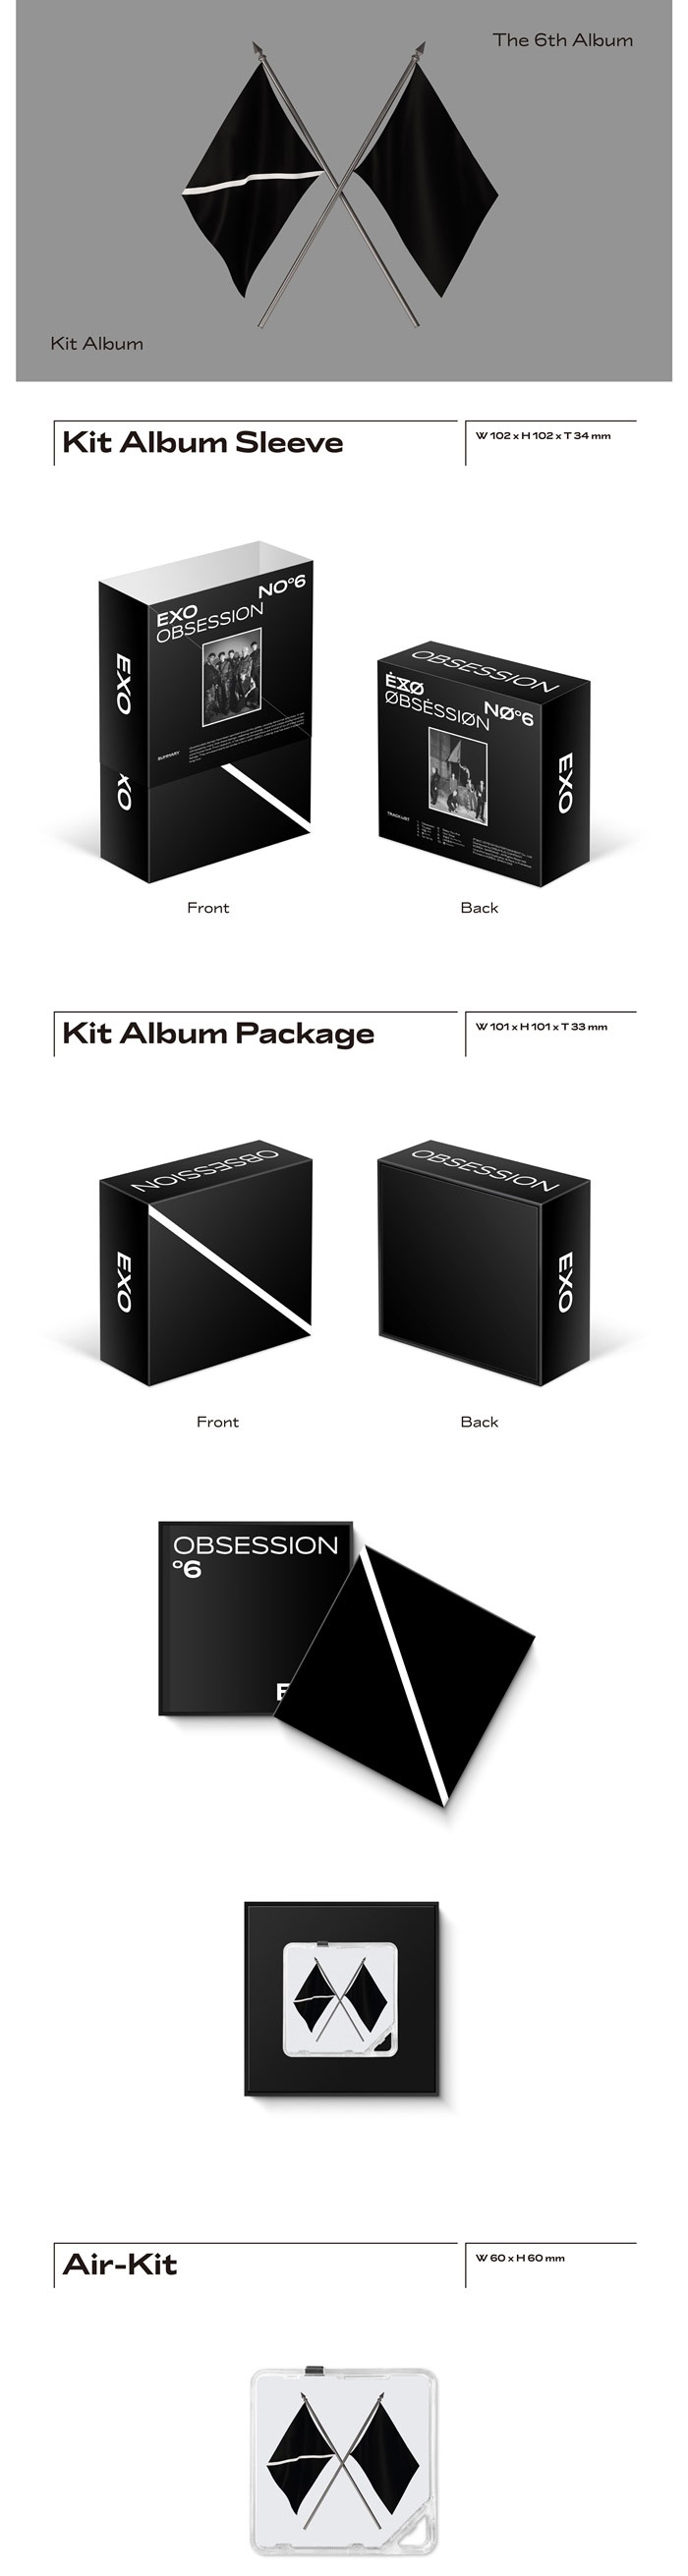 Kpopmonster Exo 6th Album Obsession Kit Album